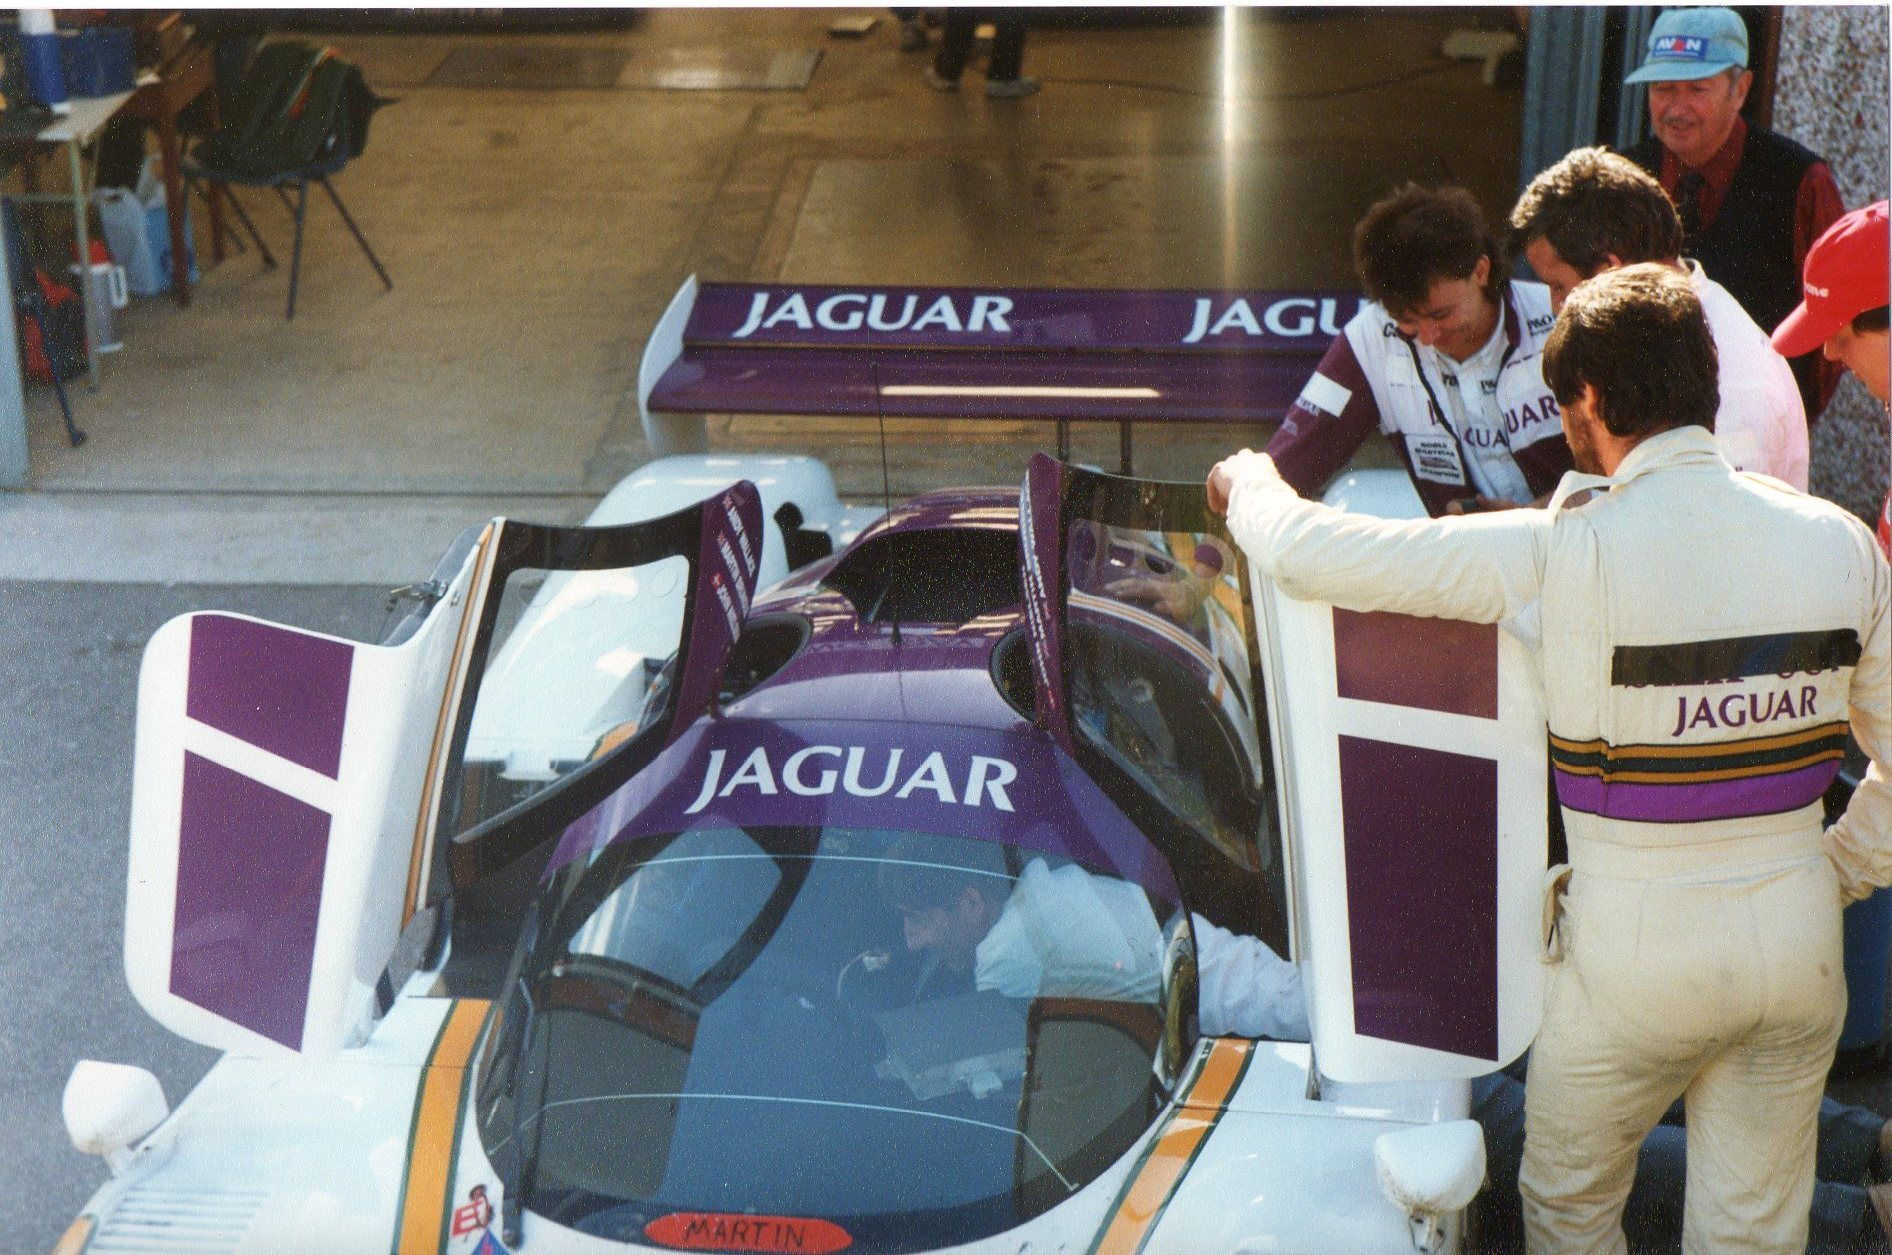 Now here's a track car....XJR-11 - Jaguar Forums - Jaguar ...